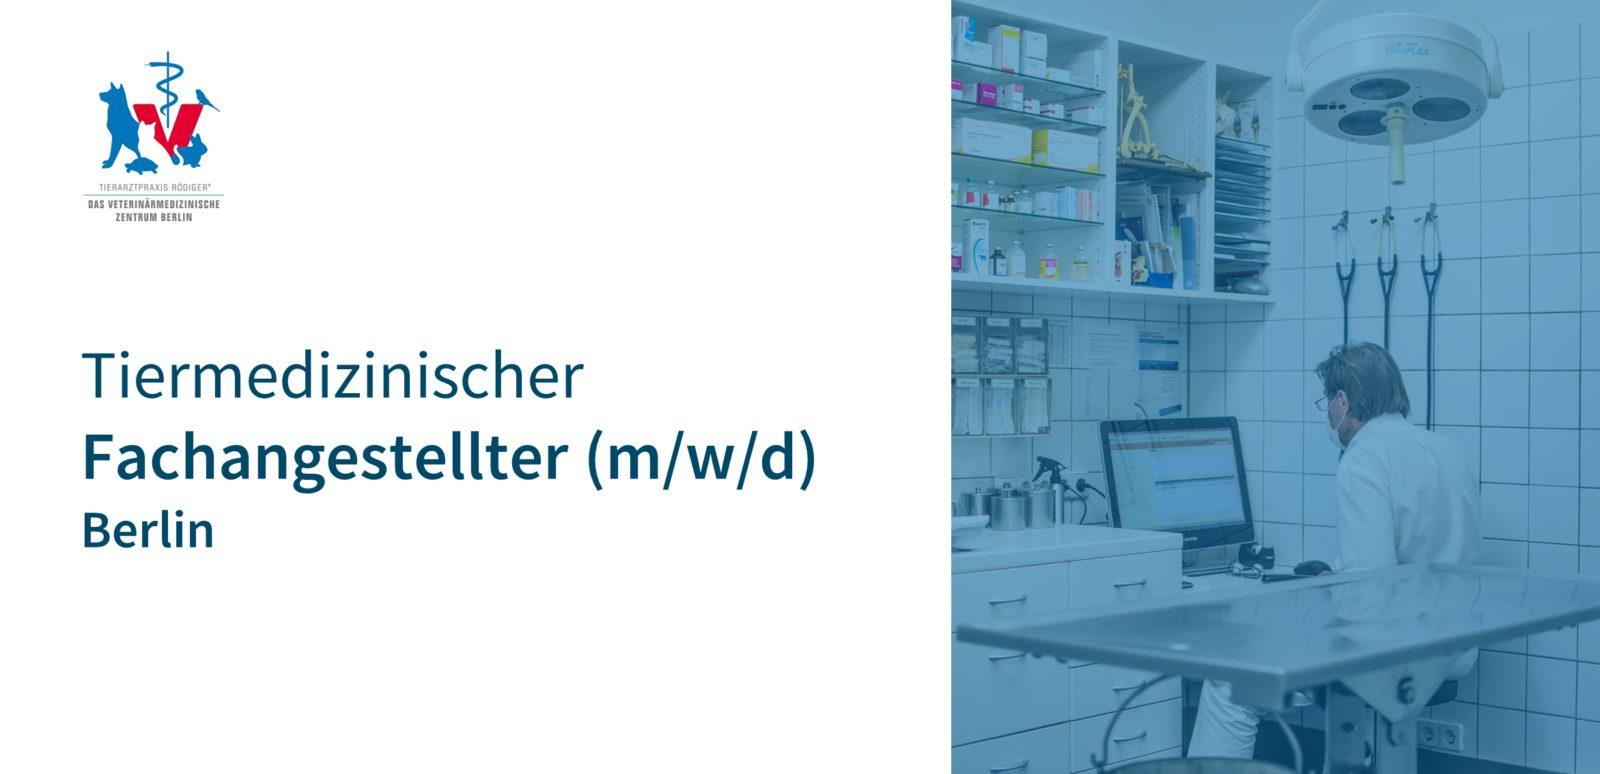 Tierarztpraxis Rödiger- Das Veterinärmedizinische Zentrum Berlin - TFA (m/w/d) in Berlin gesucht